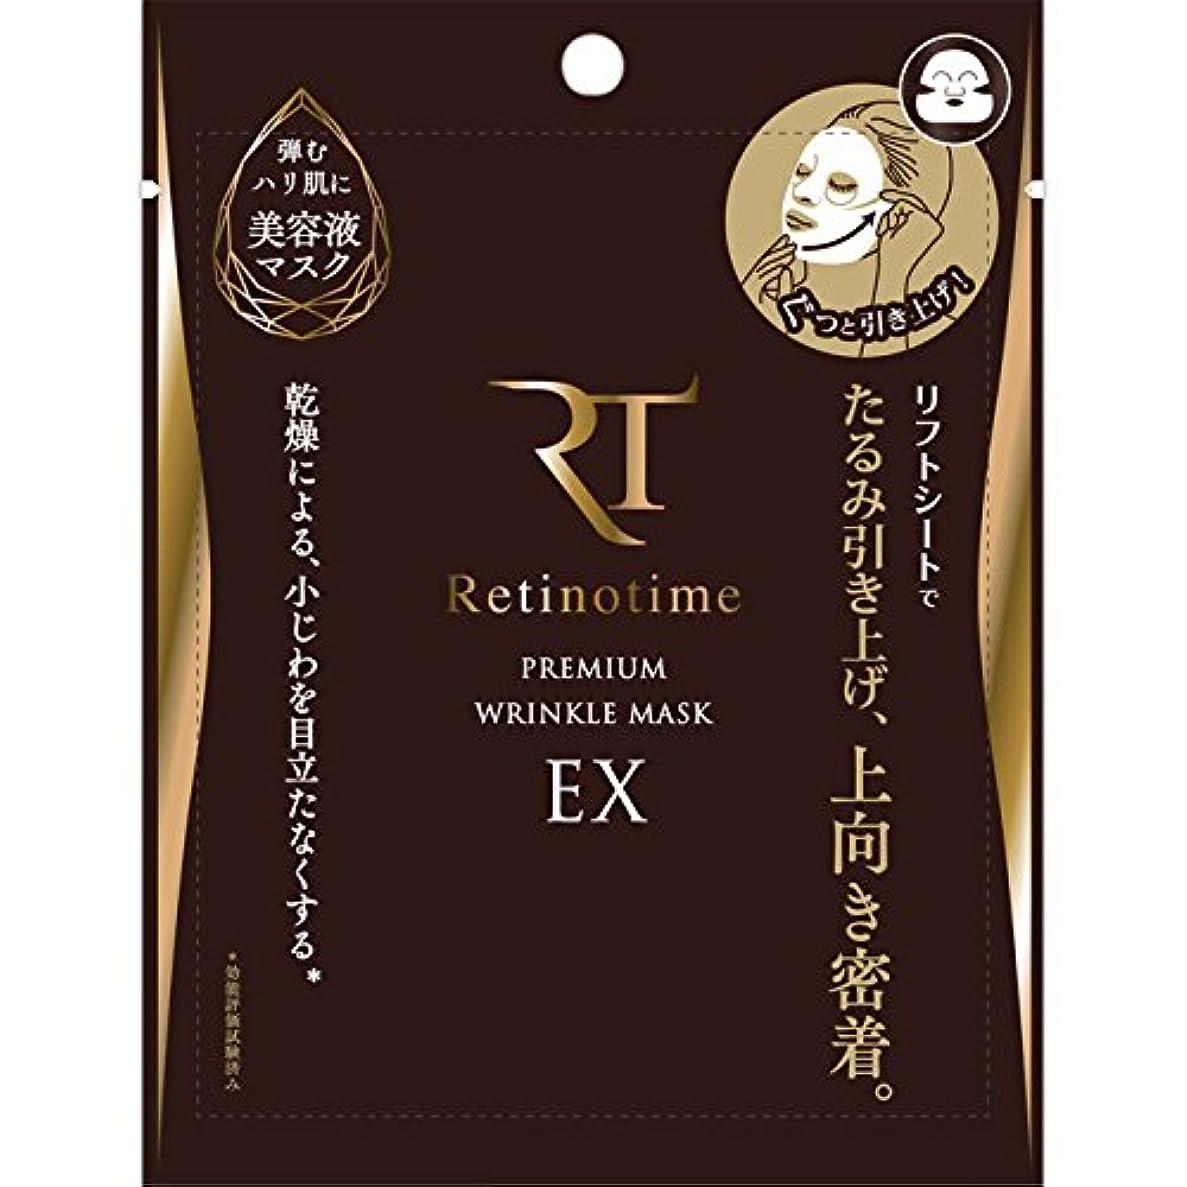 年テント微妙レチノタイム プレミアムリンクルマスク EX 1枚【26ml】